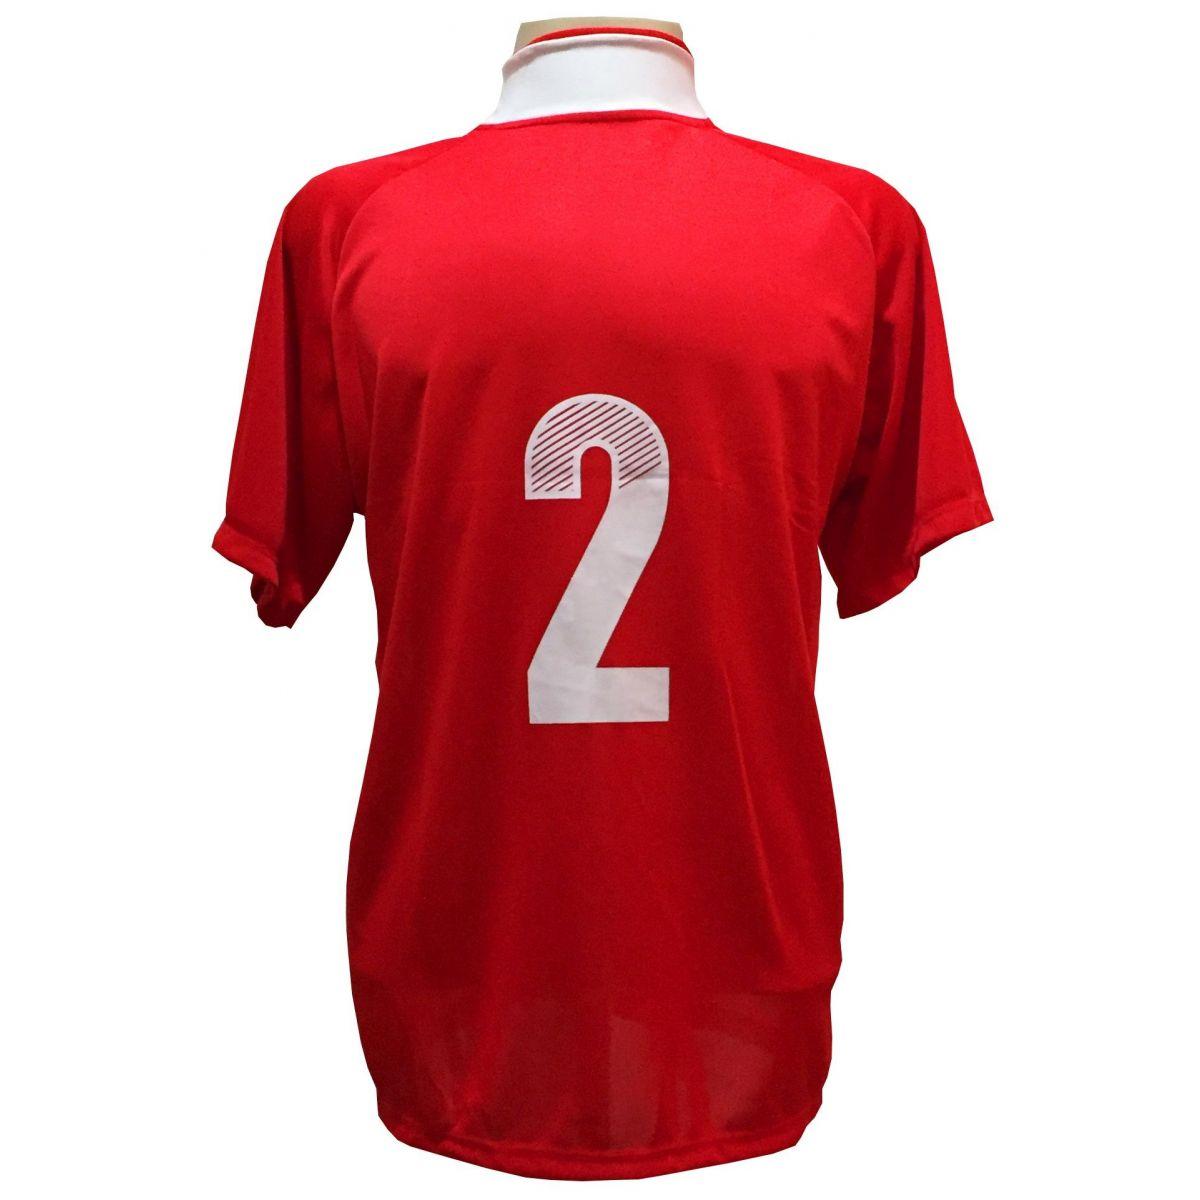 Uniforme Esportivo com 20 camisas modelo Milan Vermelho/Branco + 20 calções modelo Madrid Royal + 20 pares de meiões Vermelho